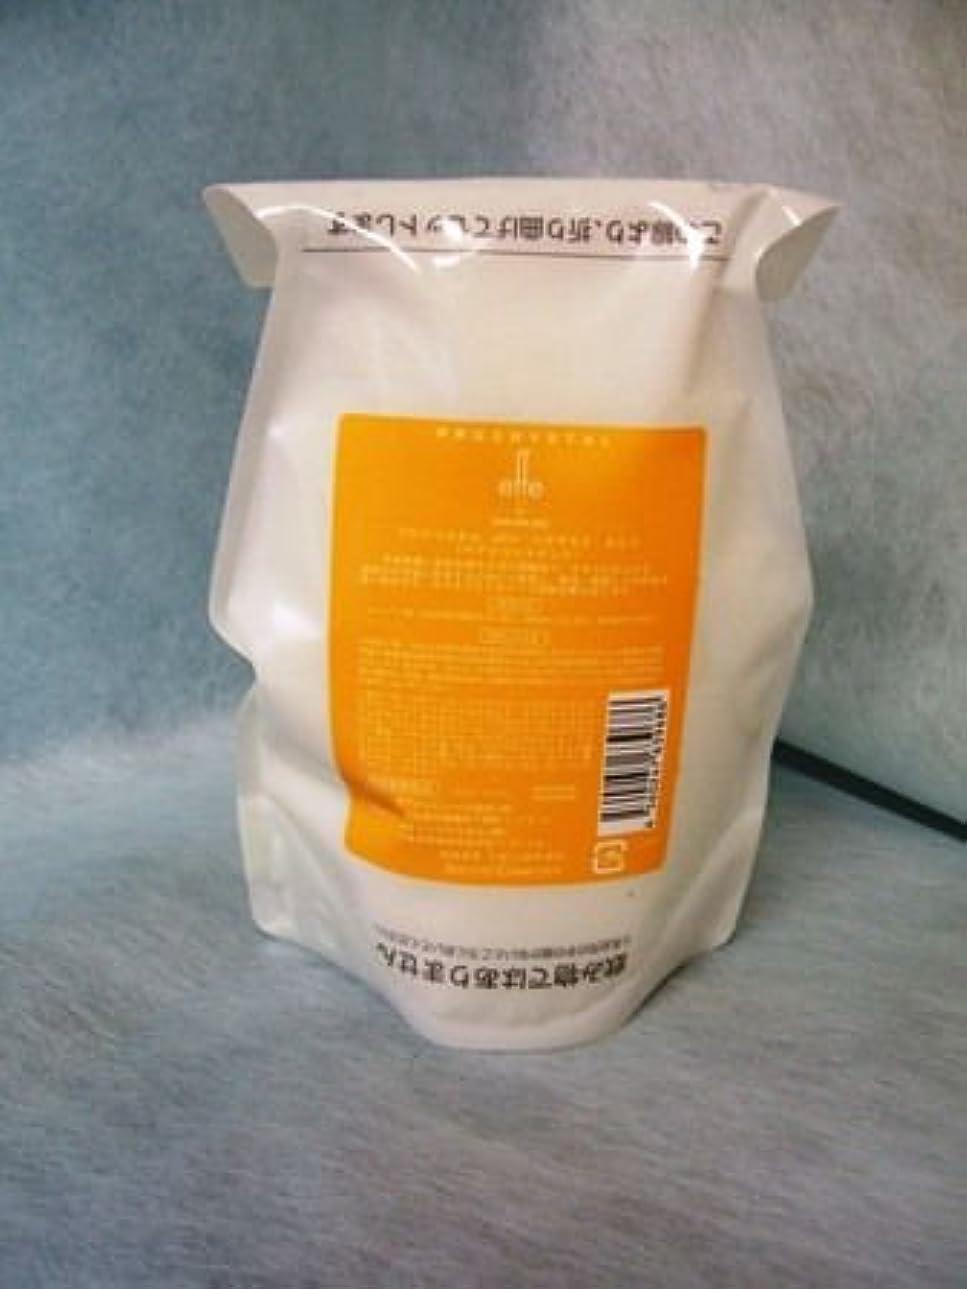 株式十病弱アペティート化粧品 プロクリスタル effe (エフ) ヘアマスク さらり500g(レフィル)